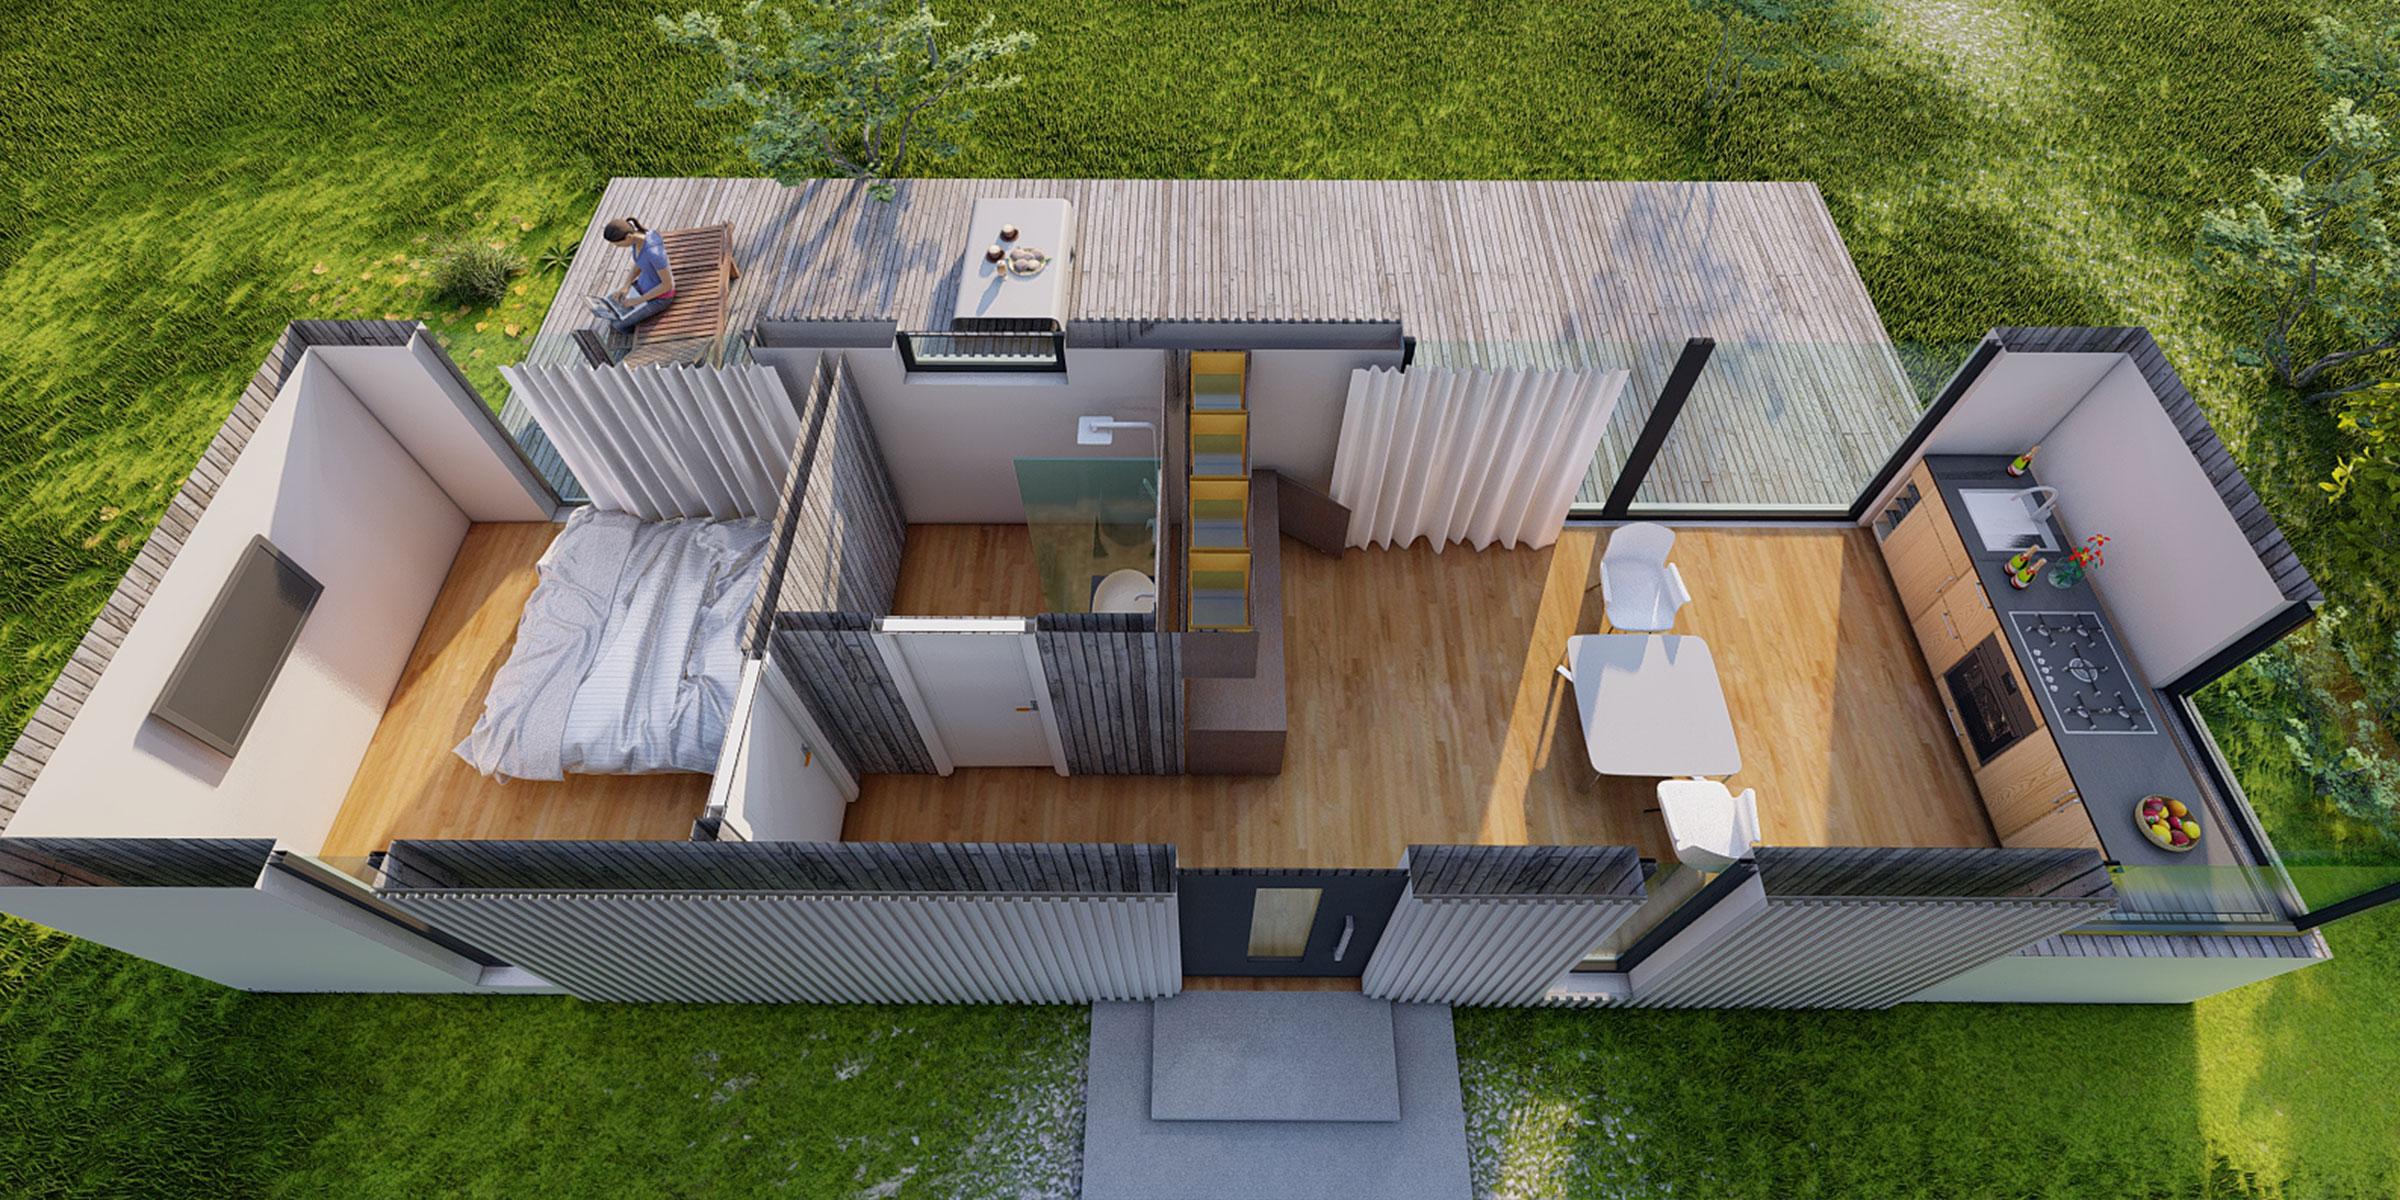 """Dom 35m2 - mały """"ciałem"""", wielki duchem - jak wykorzystać jego przestrzeń ?"""